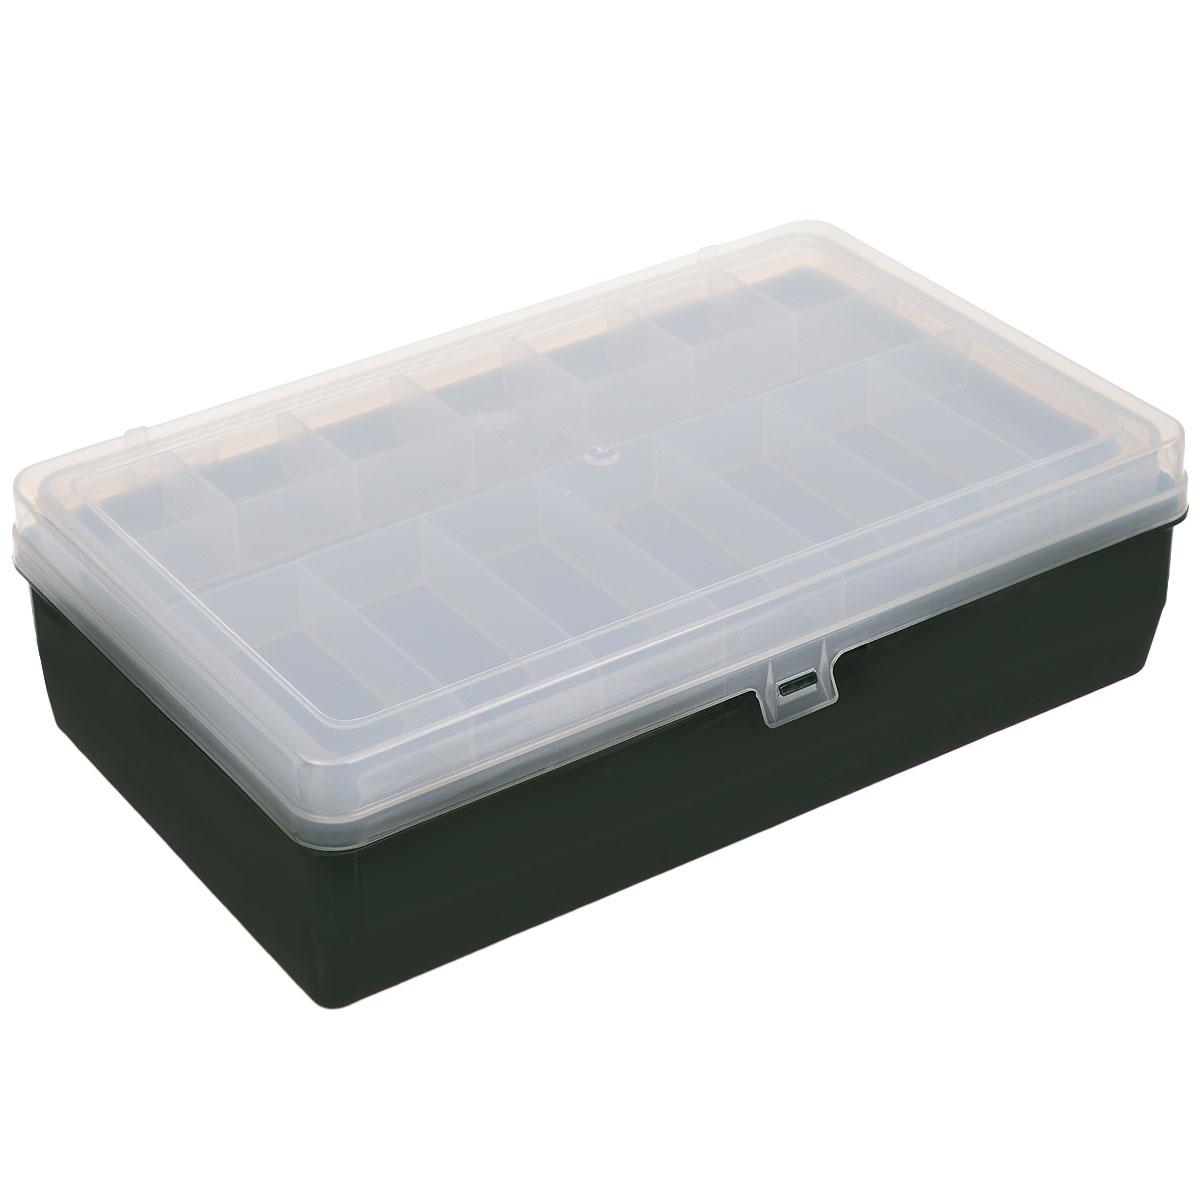 Коробка для мелочей Trivol, двухъярусная, цвет: темно-зеленый, прозрачный, 23,5 х 15 х 6 см525823_темно-зеленыйДвухъярусная коробка для мелочей Trivol изготовлена из высококачественного пластика. Прозрачная крышка позволяет видеть содержимое коробки. Изделие имеет два яруса. Верхний ярус представляет собой съемное отделение, в котором содержится 15 прямоугольных ячеек. Нижний ярус имеет 3 ячейки разного размера. Коробка прекрасно подойдет для хранения швейных принадлежностей, рыболовных снастей, мелких деталей и других бытовых мелочей. Удобный и надежный замок-защелка обеспечивает надежное закрывание крышки. Коробка легко моется и чистится. Такая коробка поможет держать вещи в порядке. Размер самой маленькой ячейки: 3,5 см х 3 см х 1,7 см. Размер самой большой ячейки: 13 см х 14,5 см х 5 см.